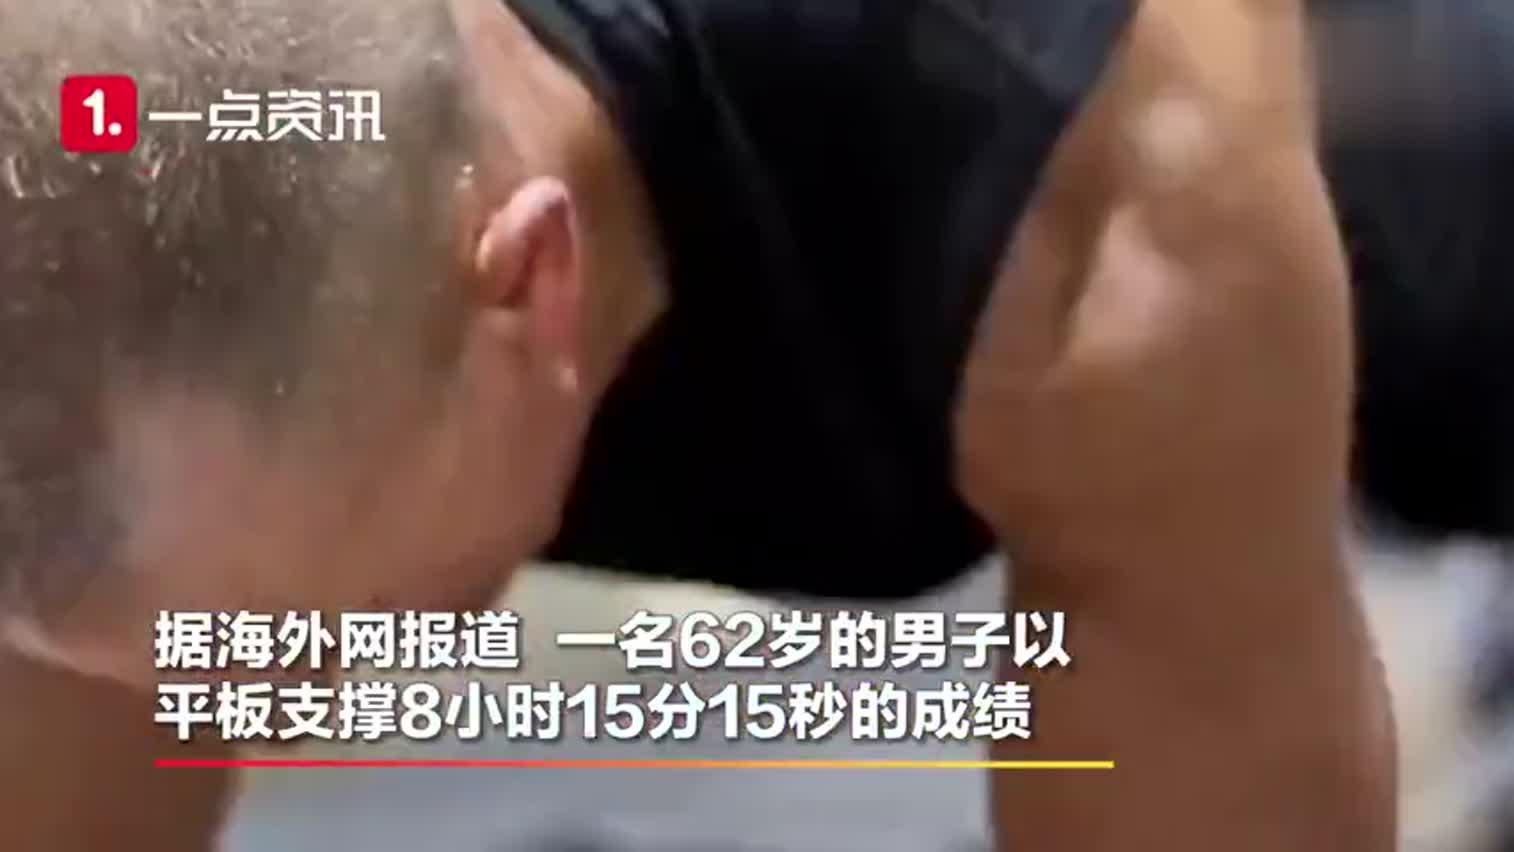 视频-8小时15分15秒!美国62岁大爷平板支撑